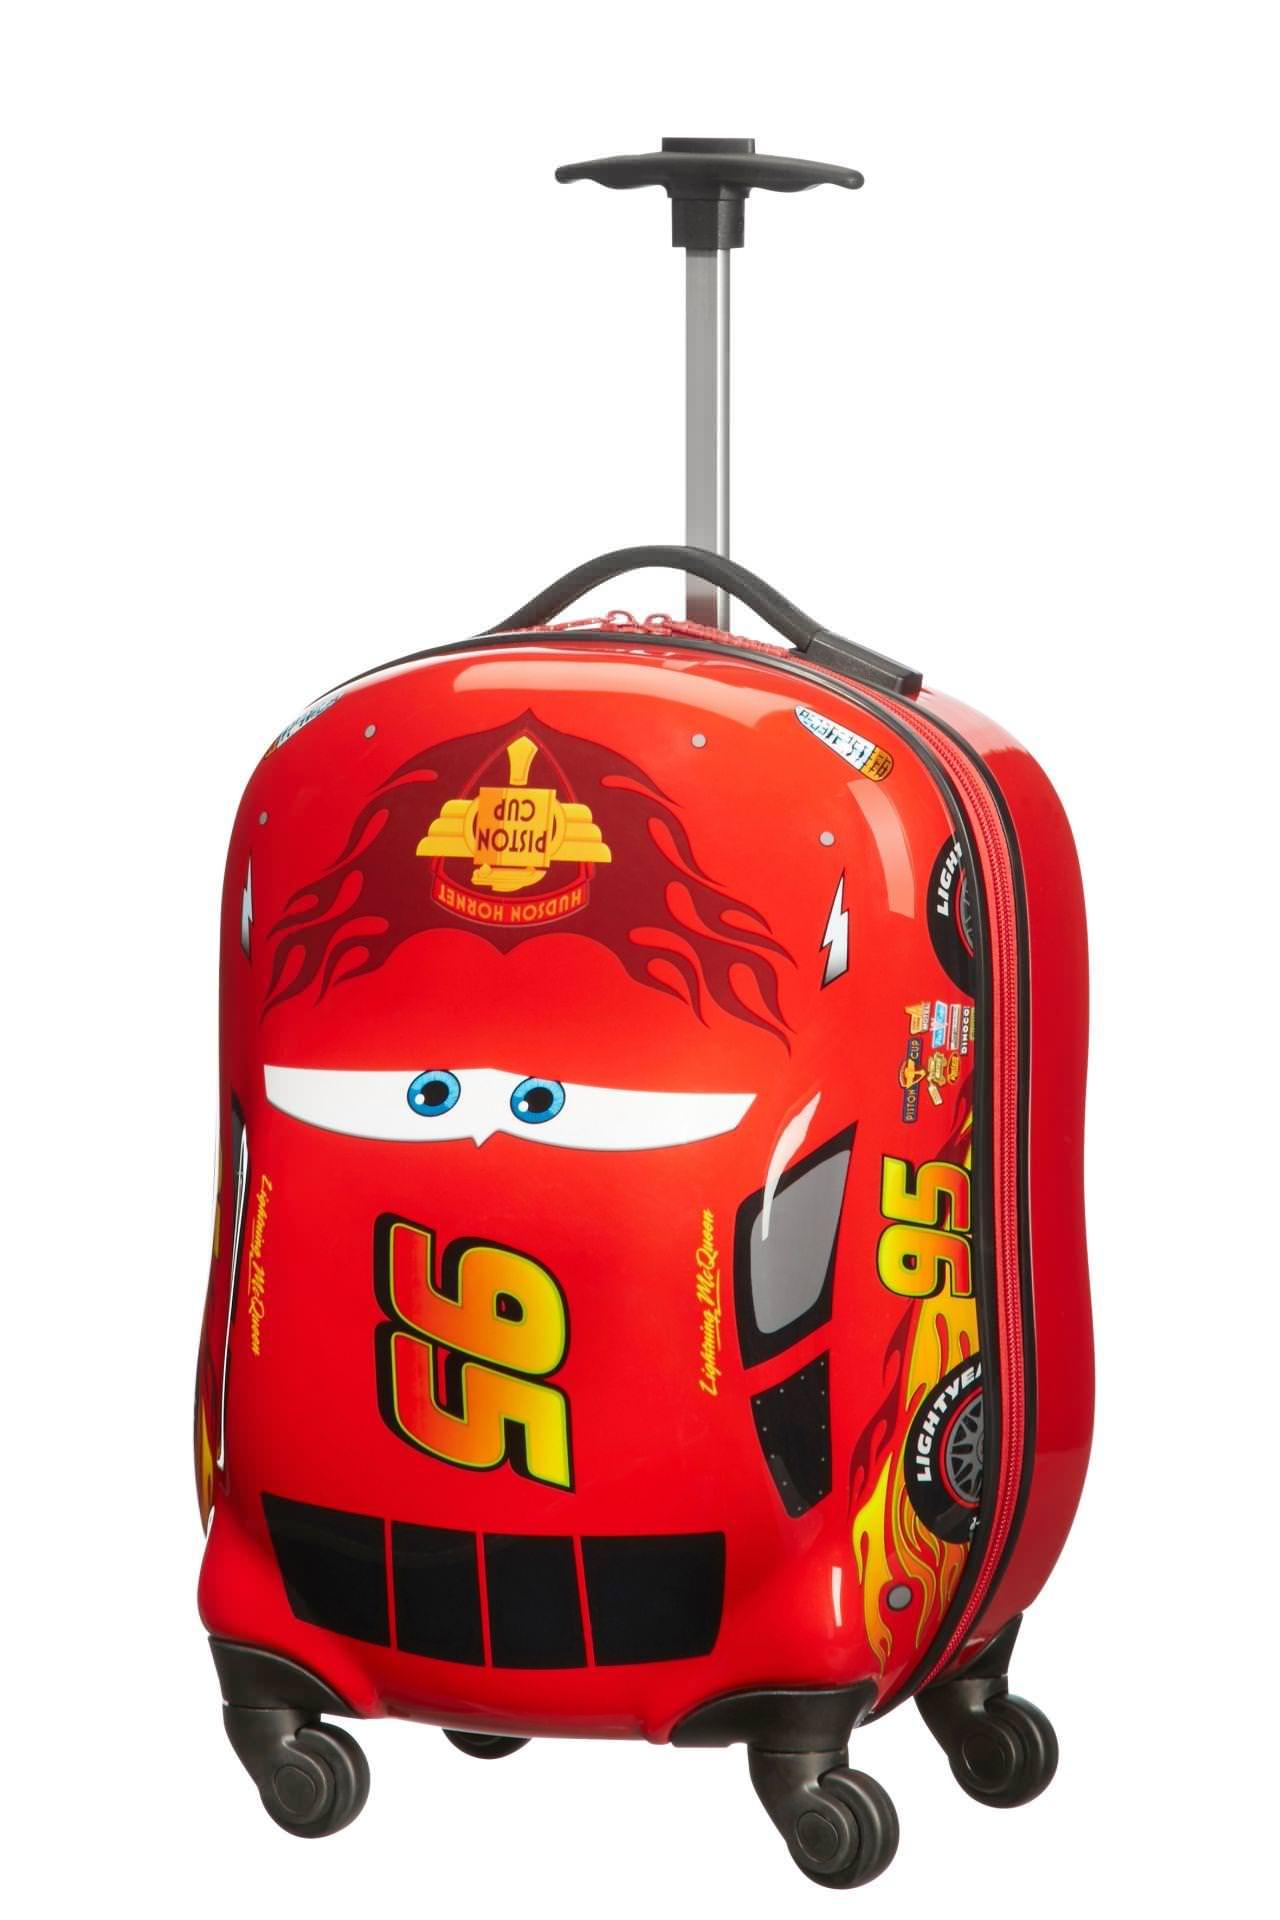 Детские чемоданы samsonite тачки походные рюкзаки купить в украине